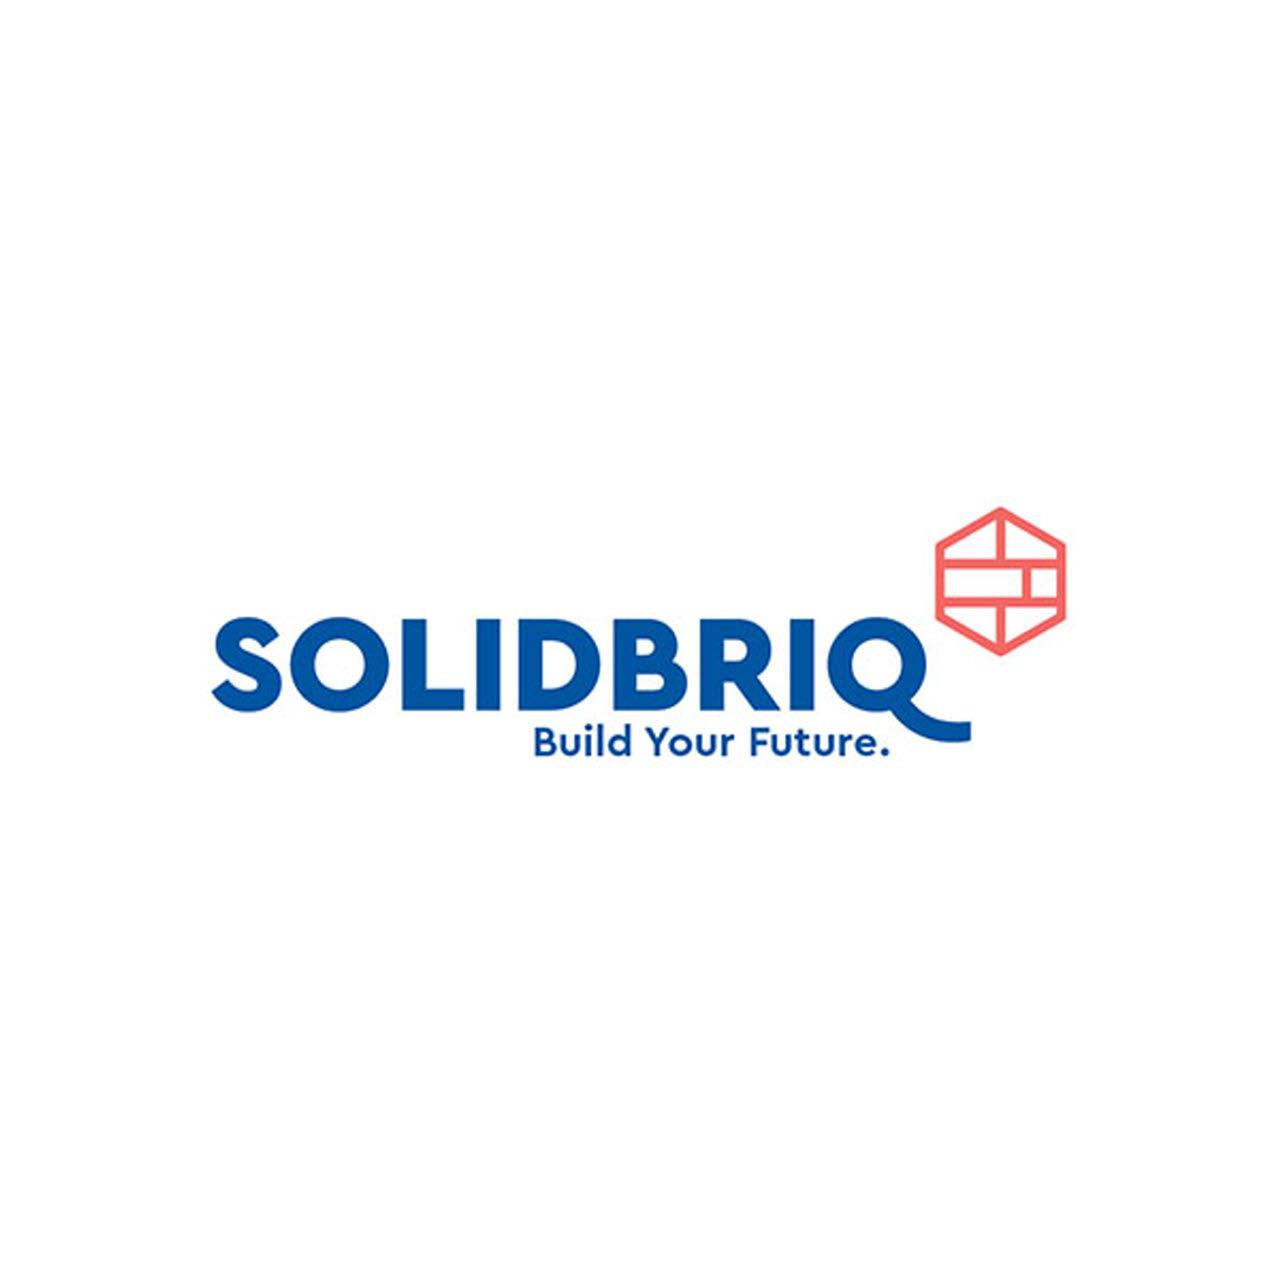 SolidBriQ.jpg